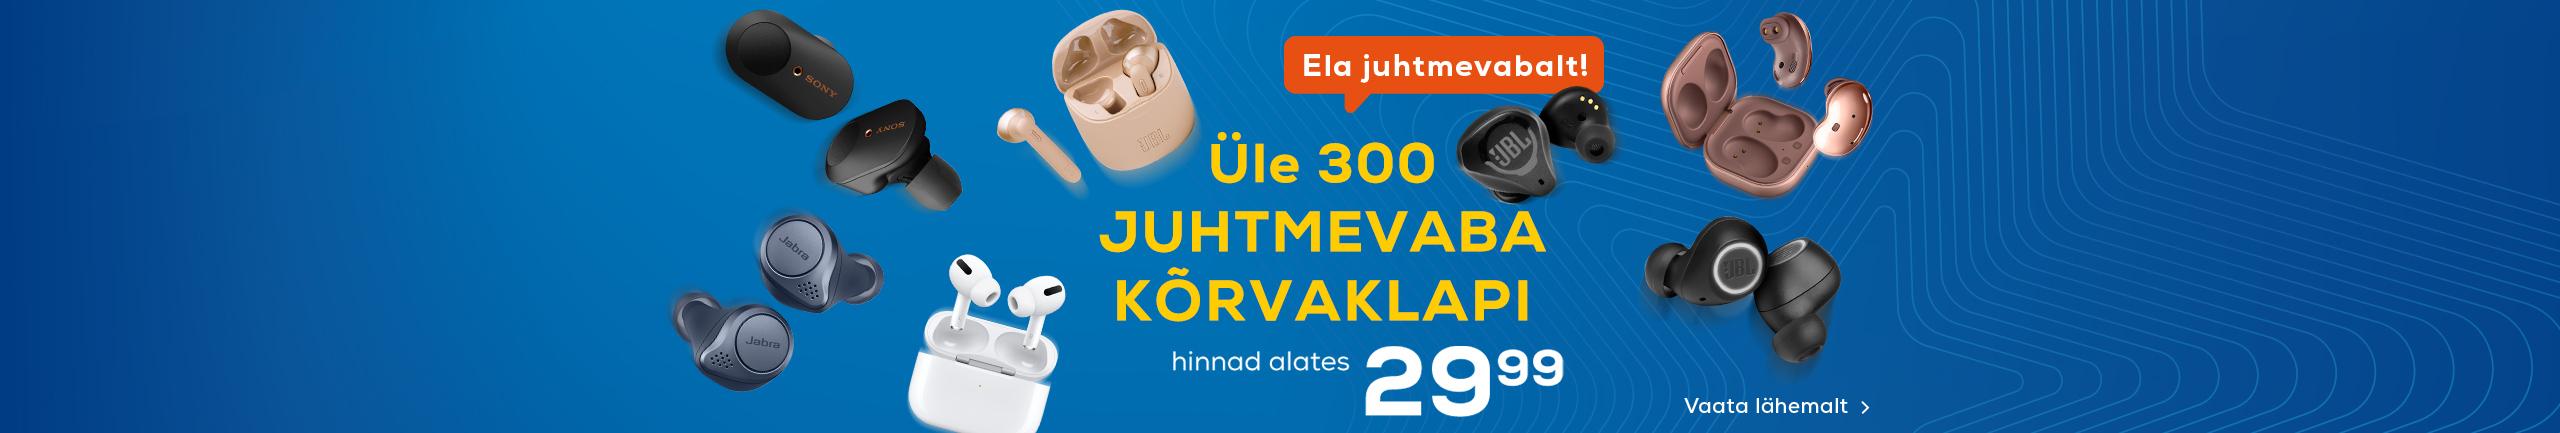 FPS Enam kui 300 juhtmevaba kõrvaklappi!